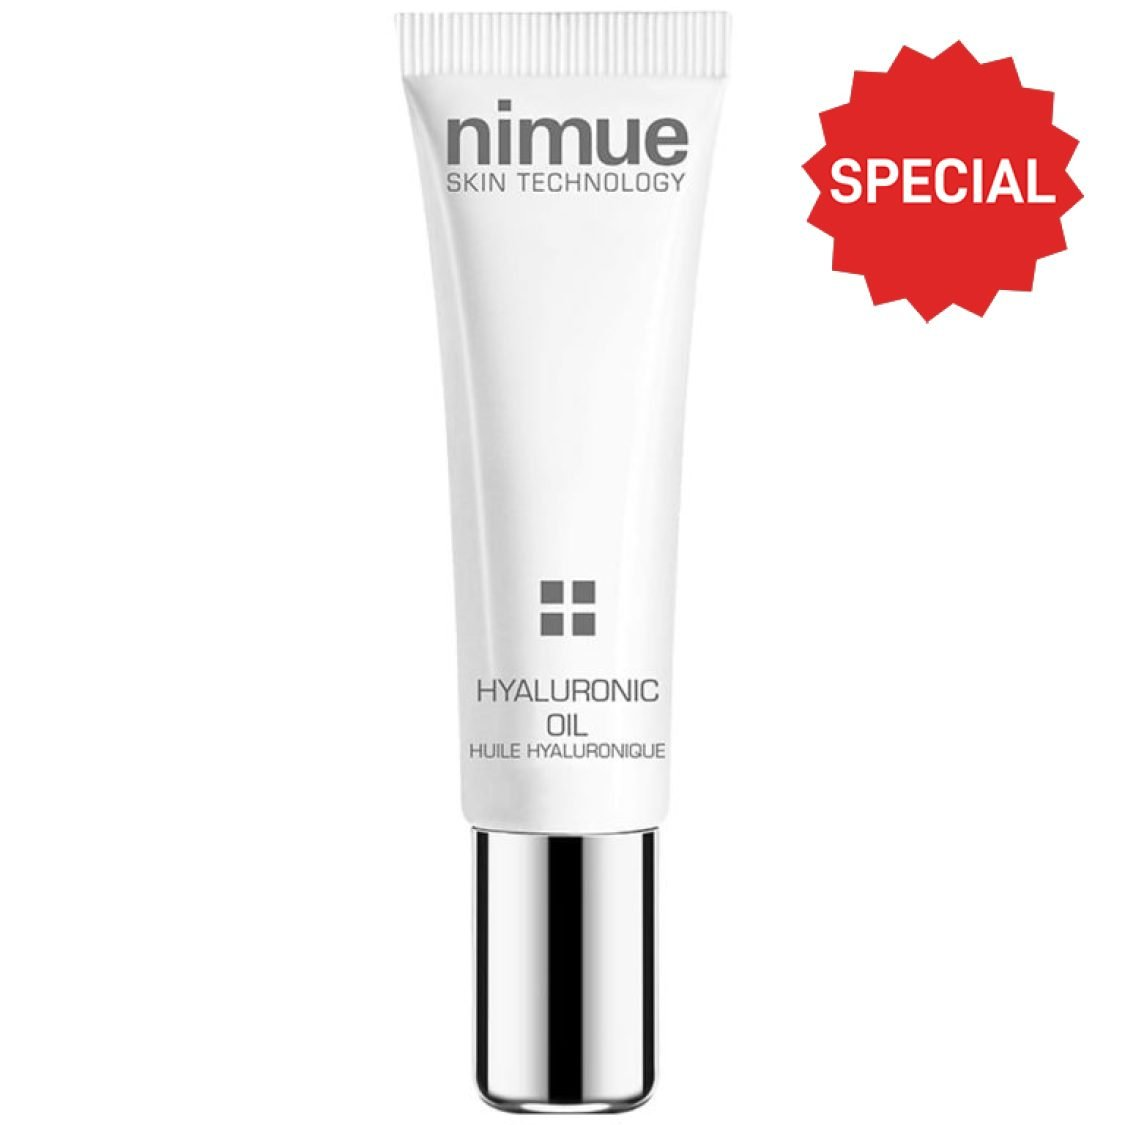 Nimue -  Hyaluronic Oil 15ml